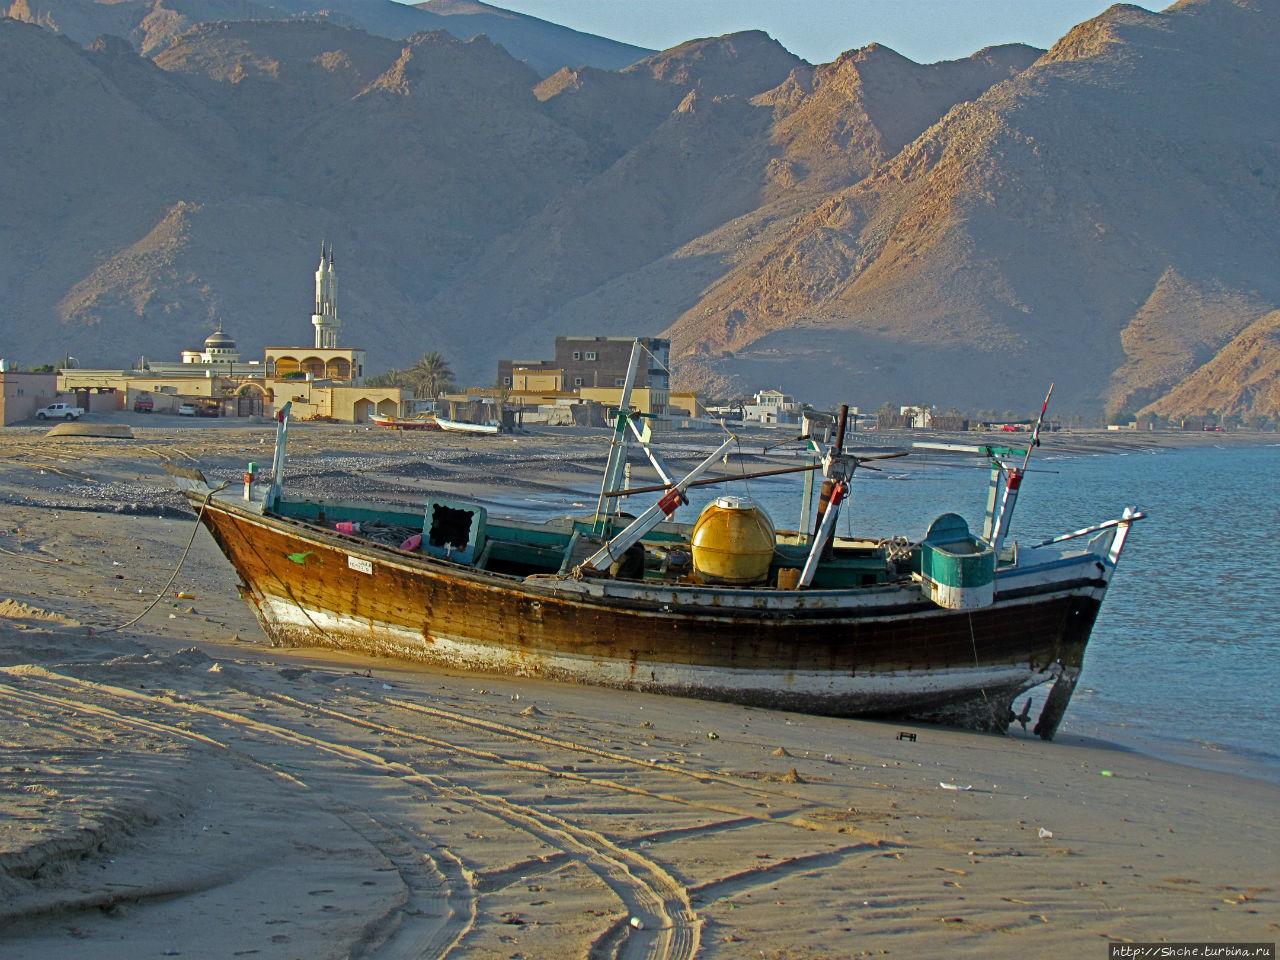 Дибба — ворота в регион оманских фьердов. Дибба-Аль-Байя, Оман